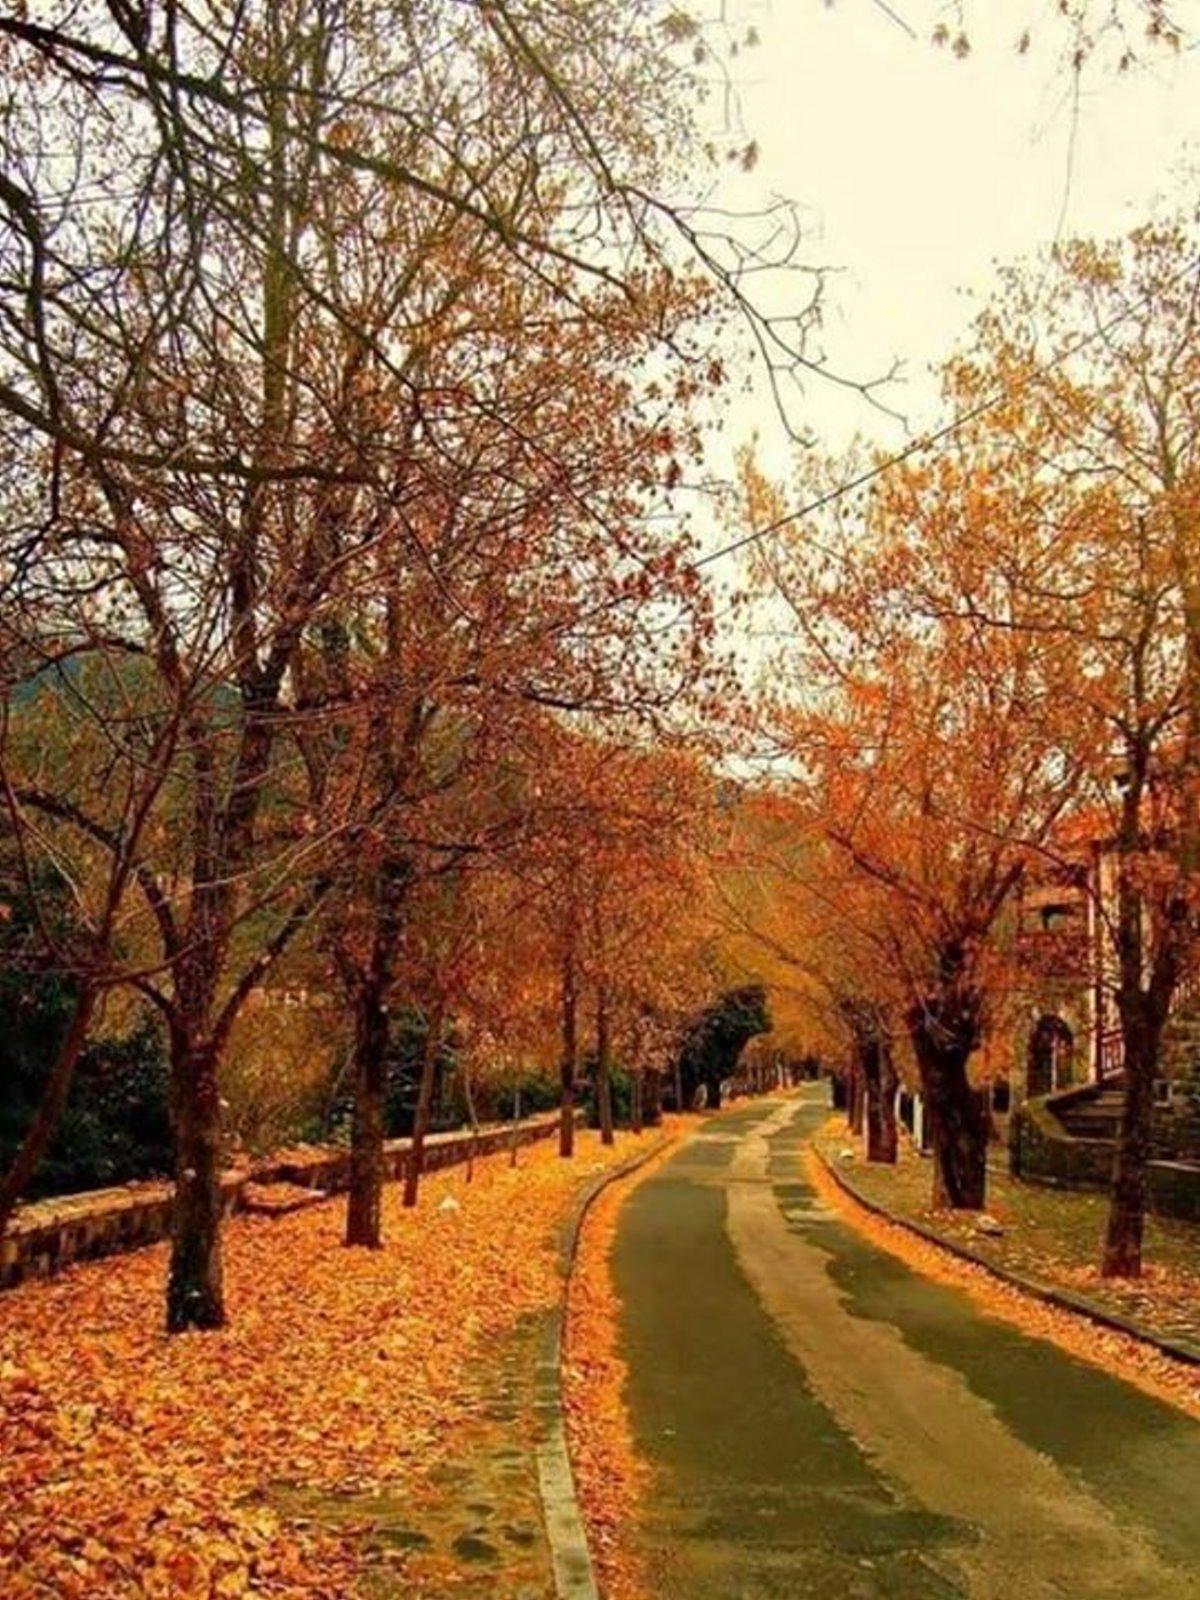 Δρόμος της αγάπης Βυτίνα με φθινοπωρινά χρώματα 2 ώρες από την Αθήνα